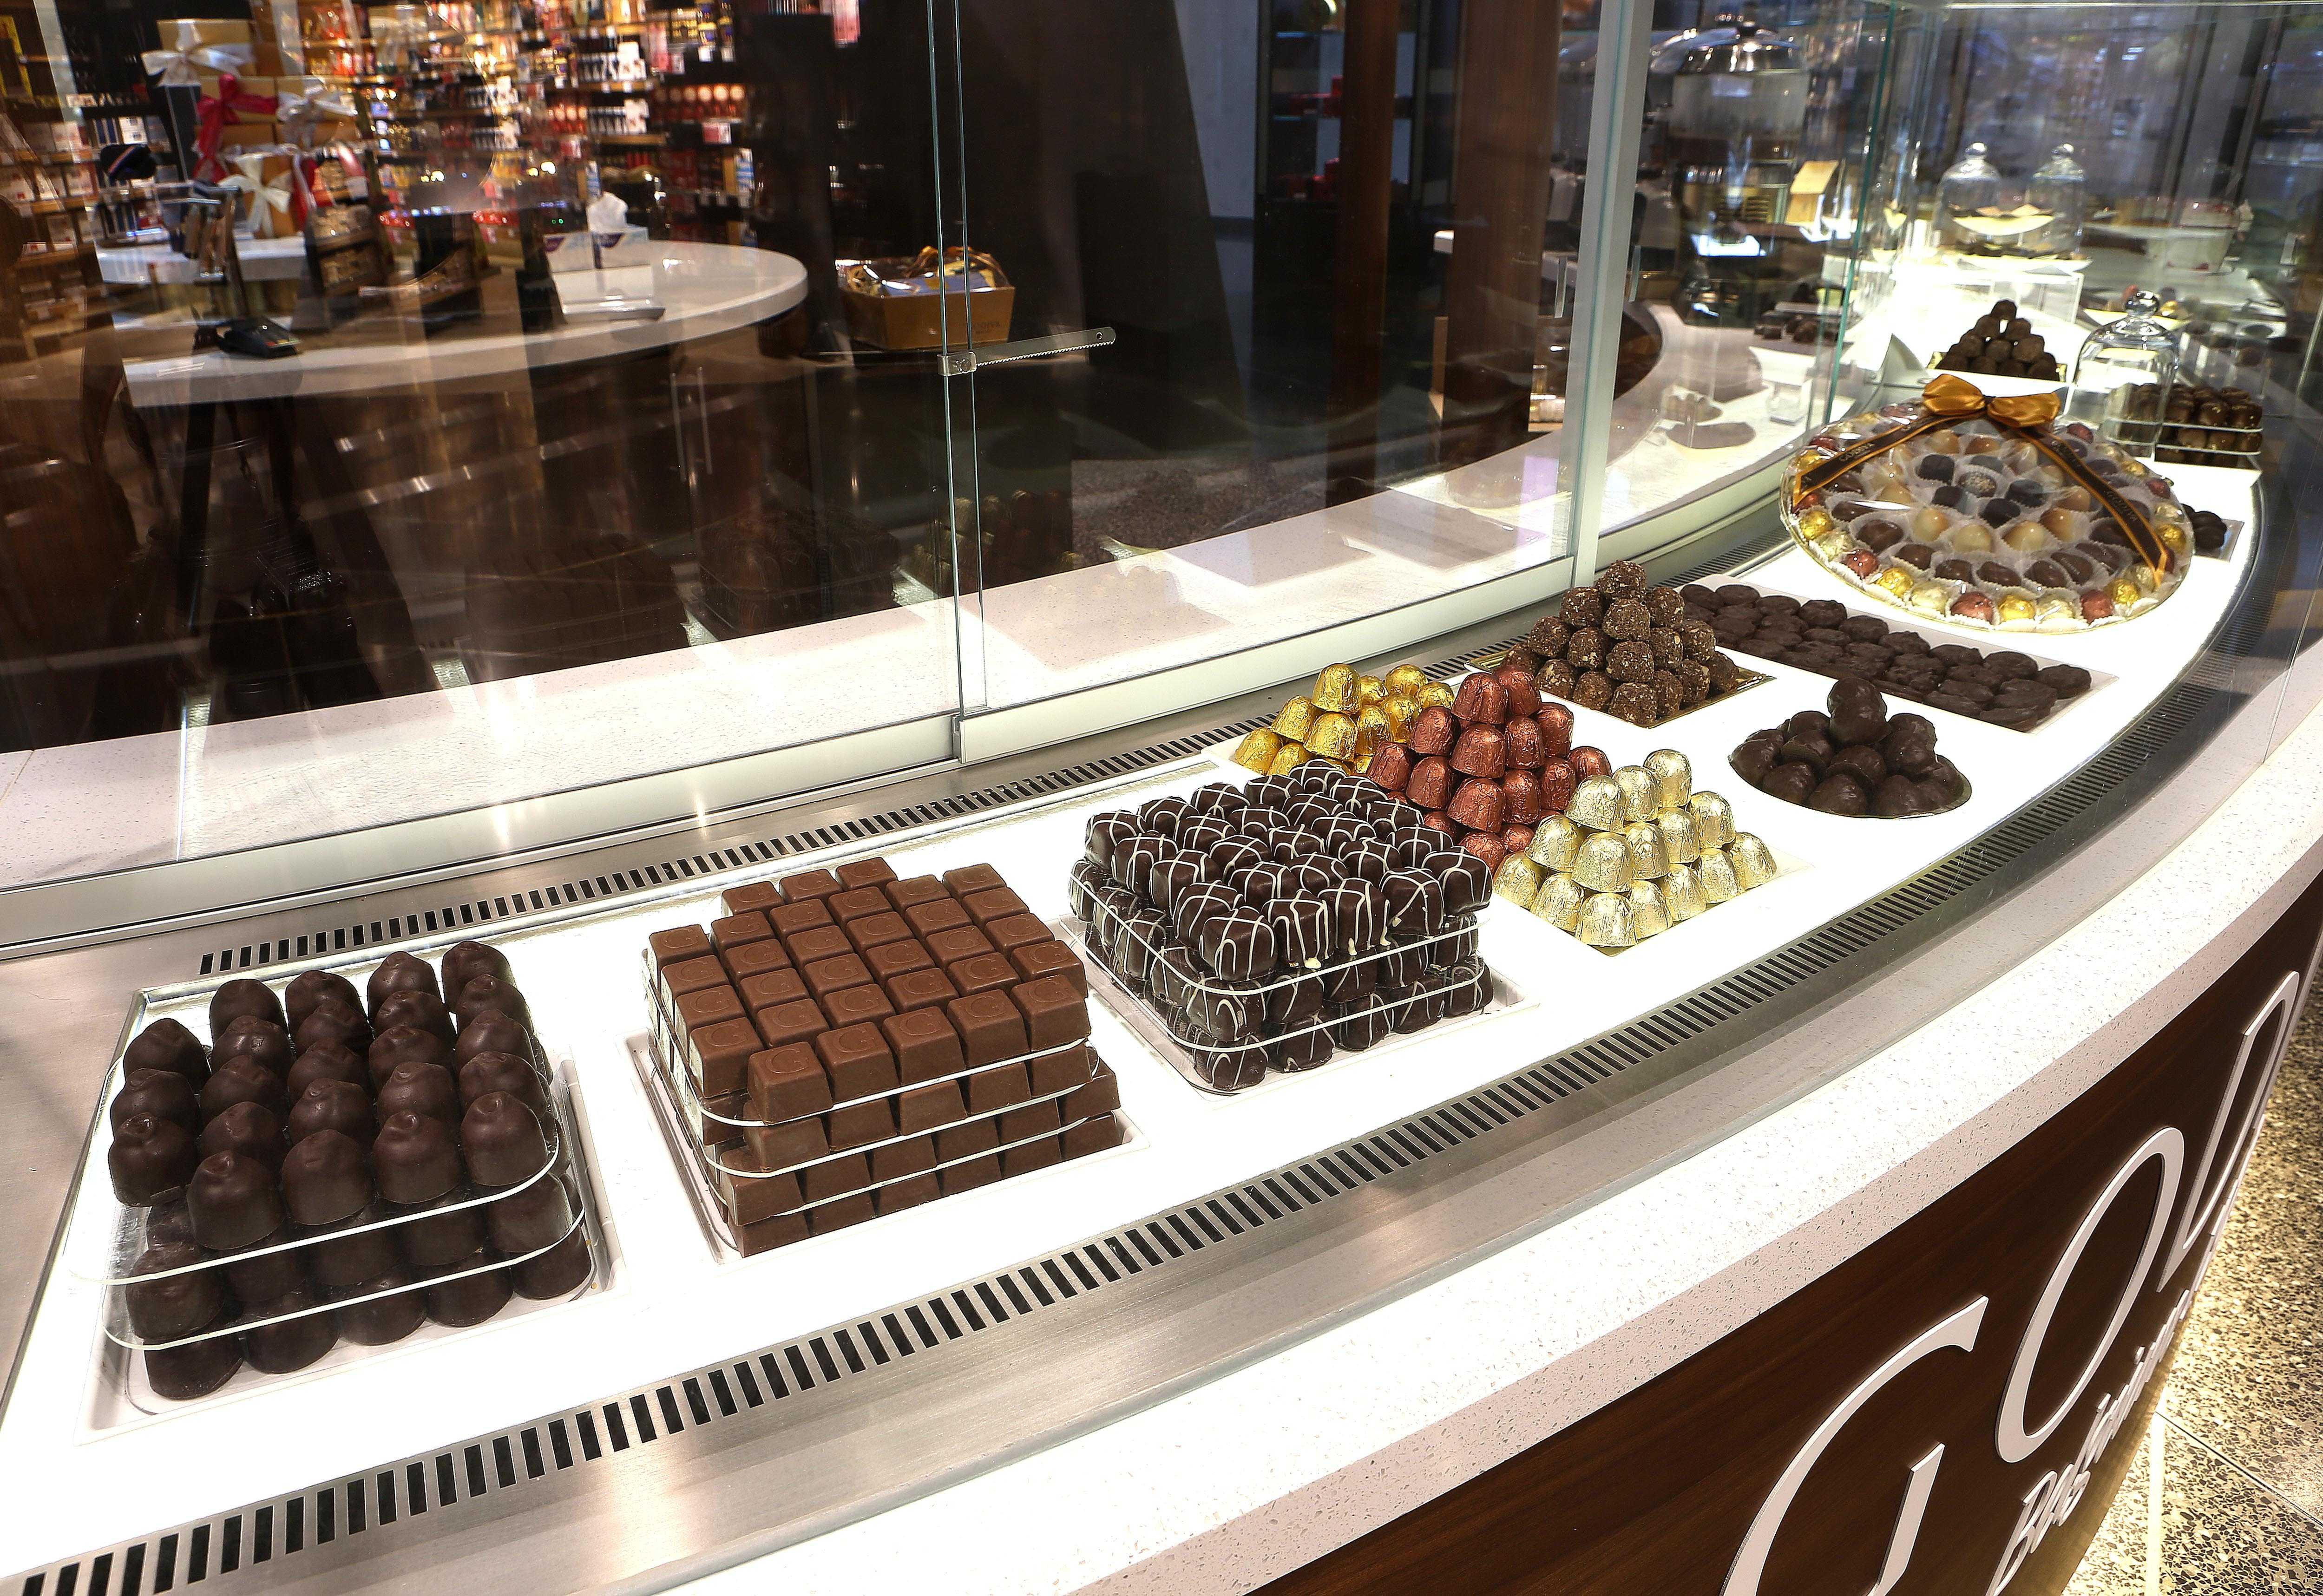 godiva chocolate store display